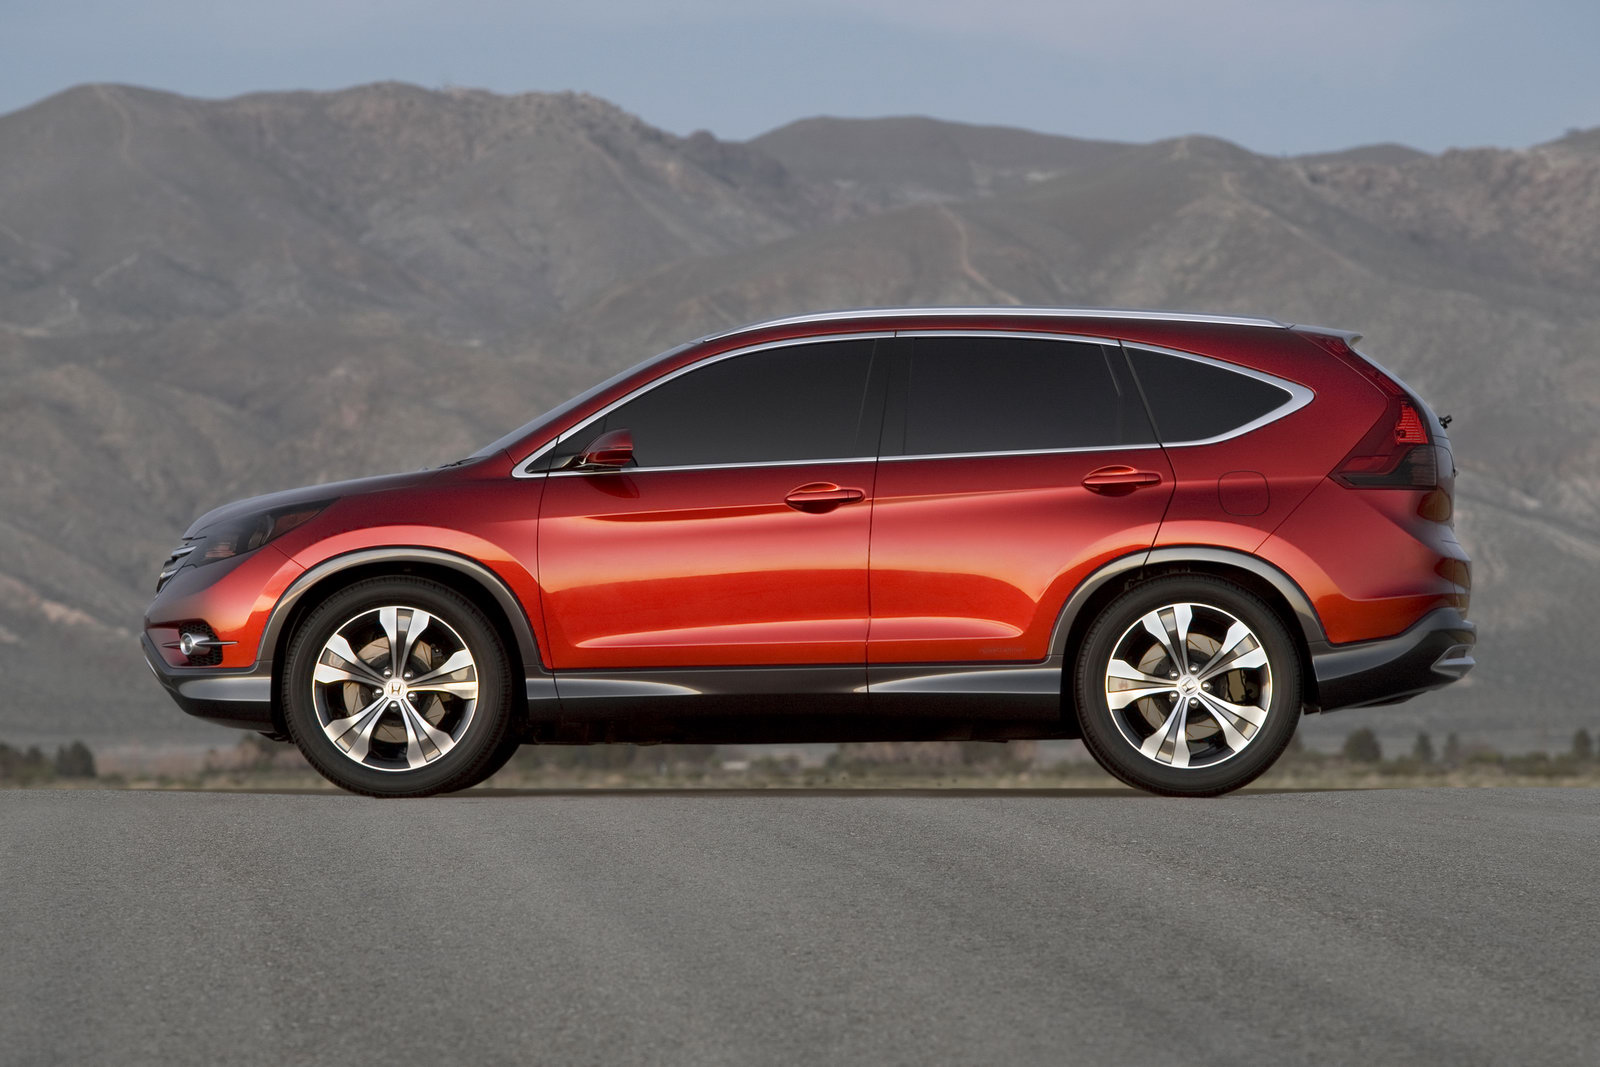 Honda cr v concept revealed